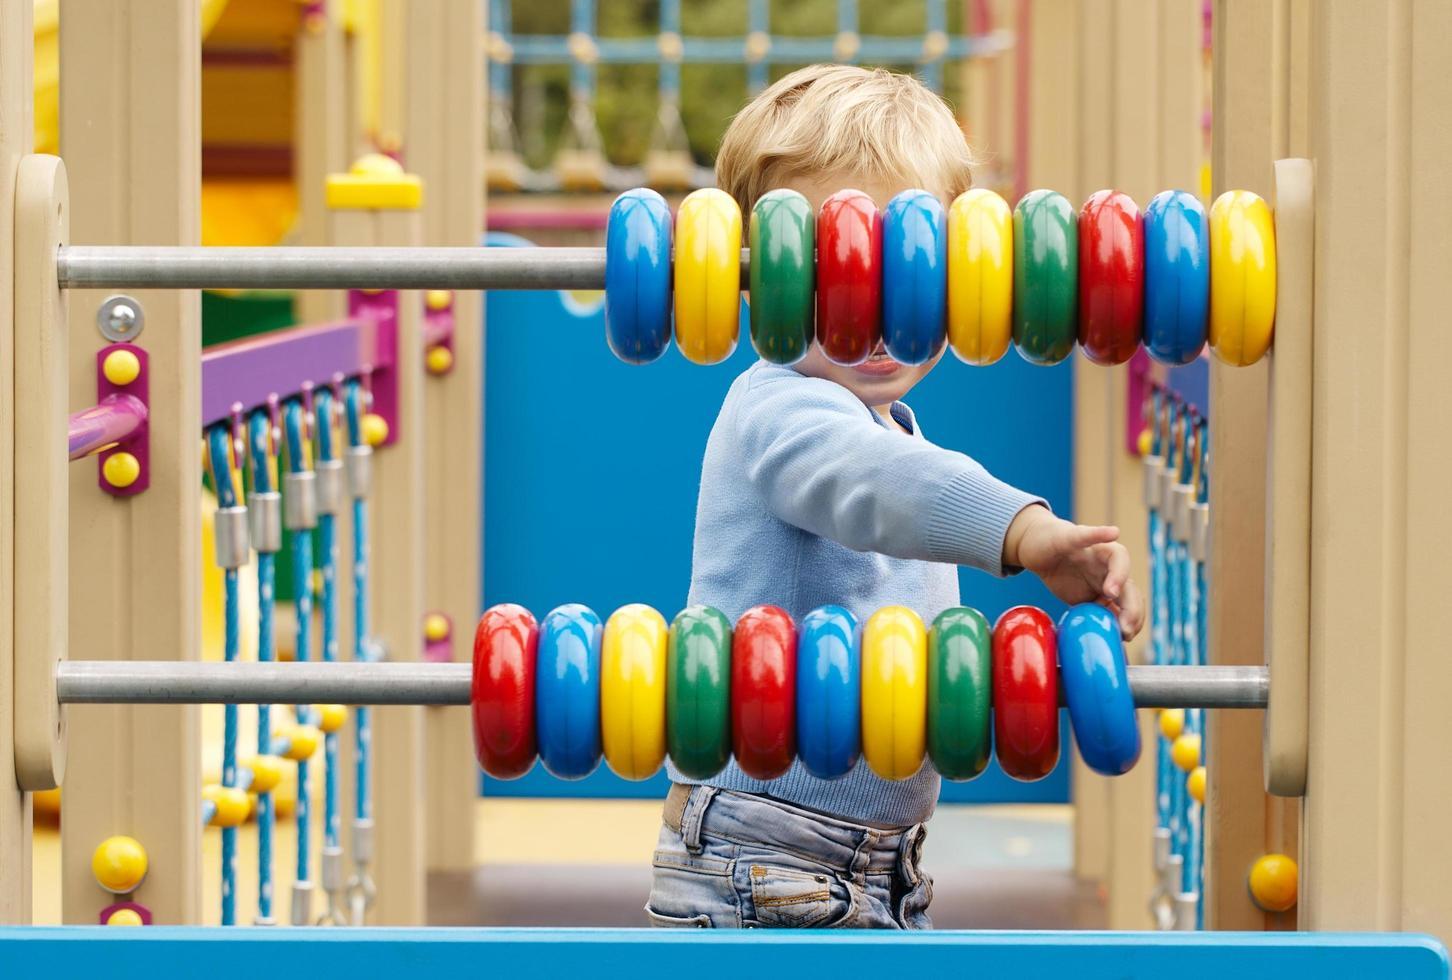 niño jugando con juguetes de madera foto